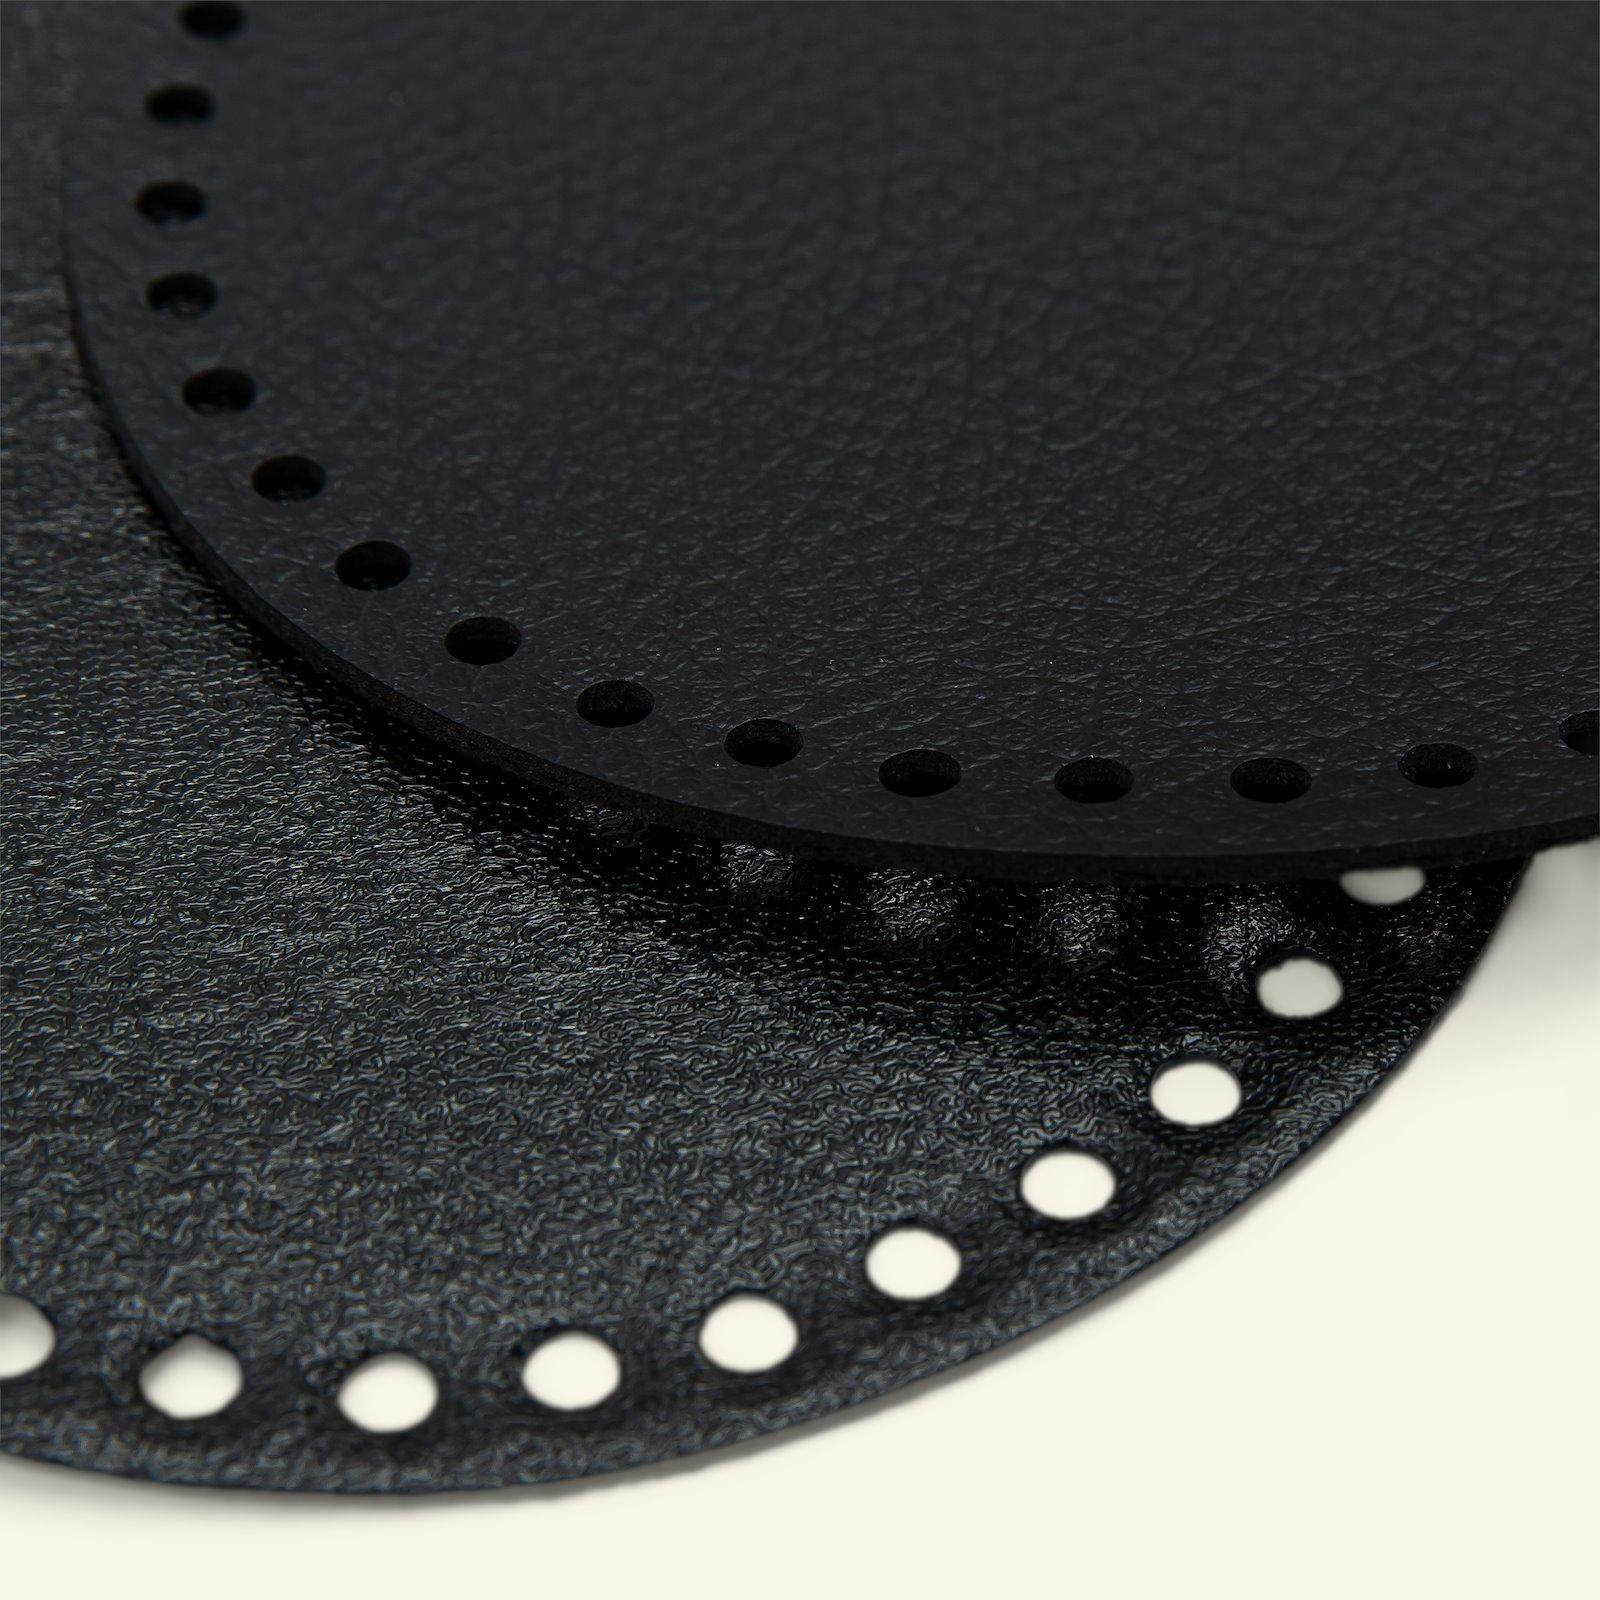 FRAYA bag/basket bottom 20cm black 1pc 83311_pack_b